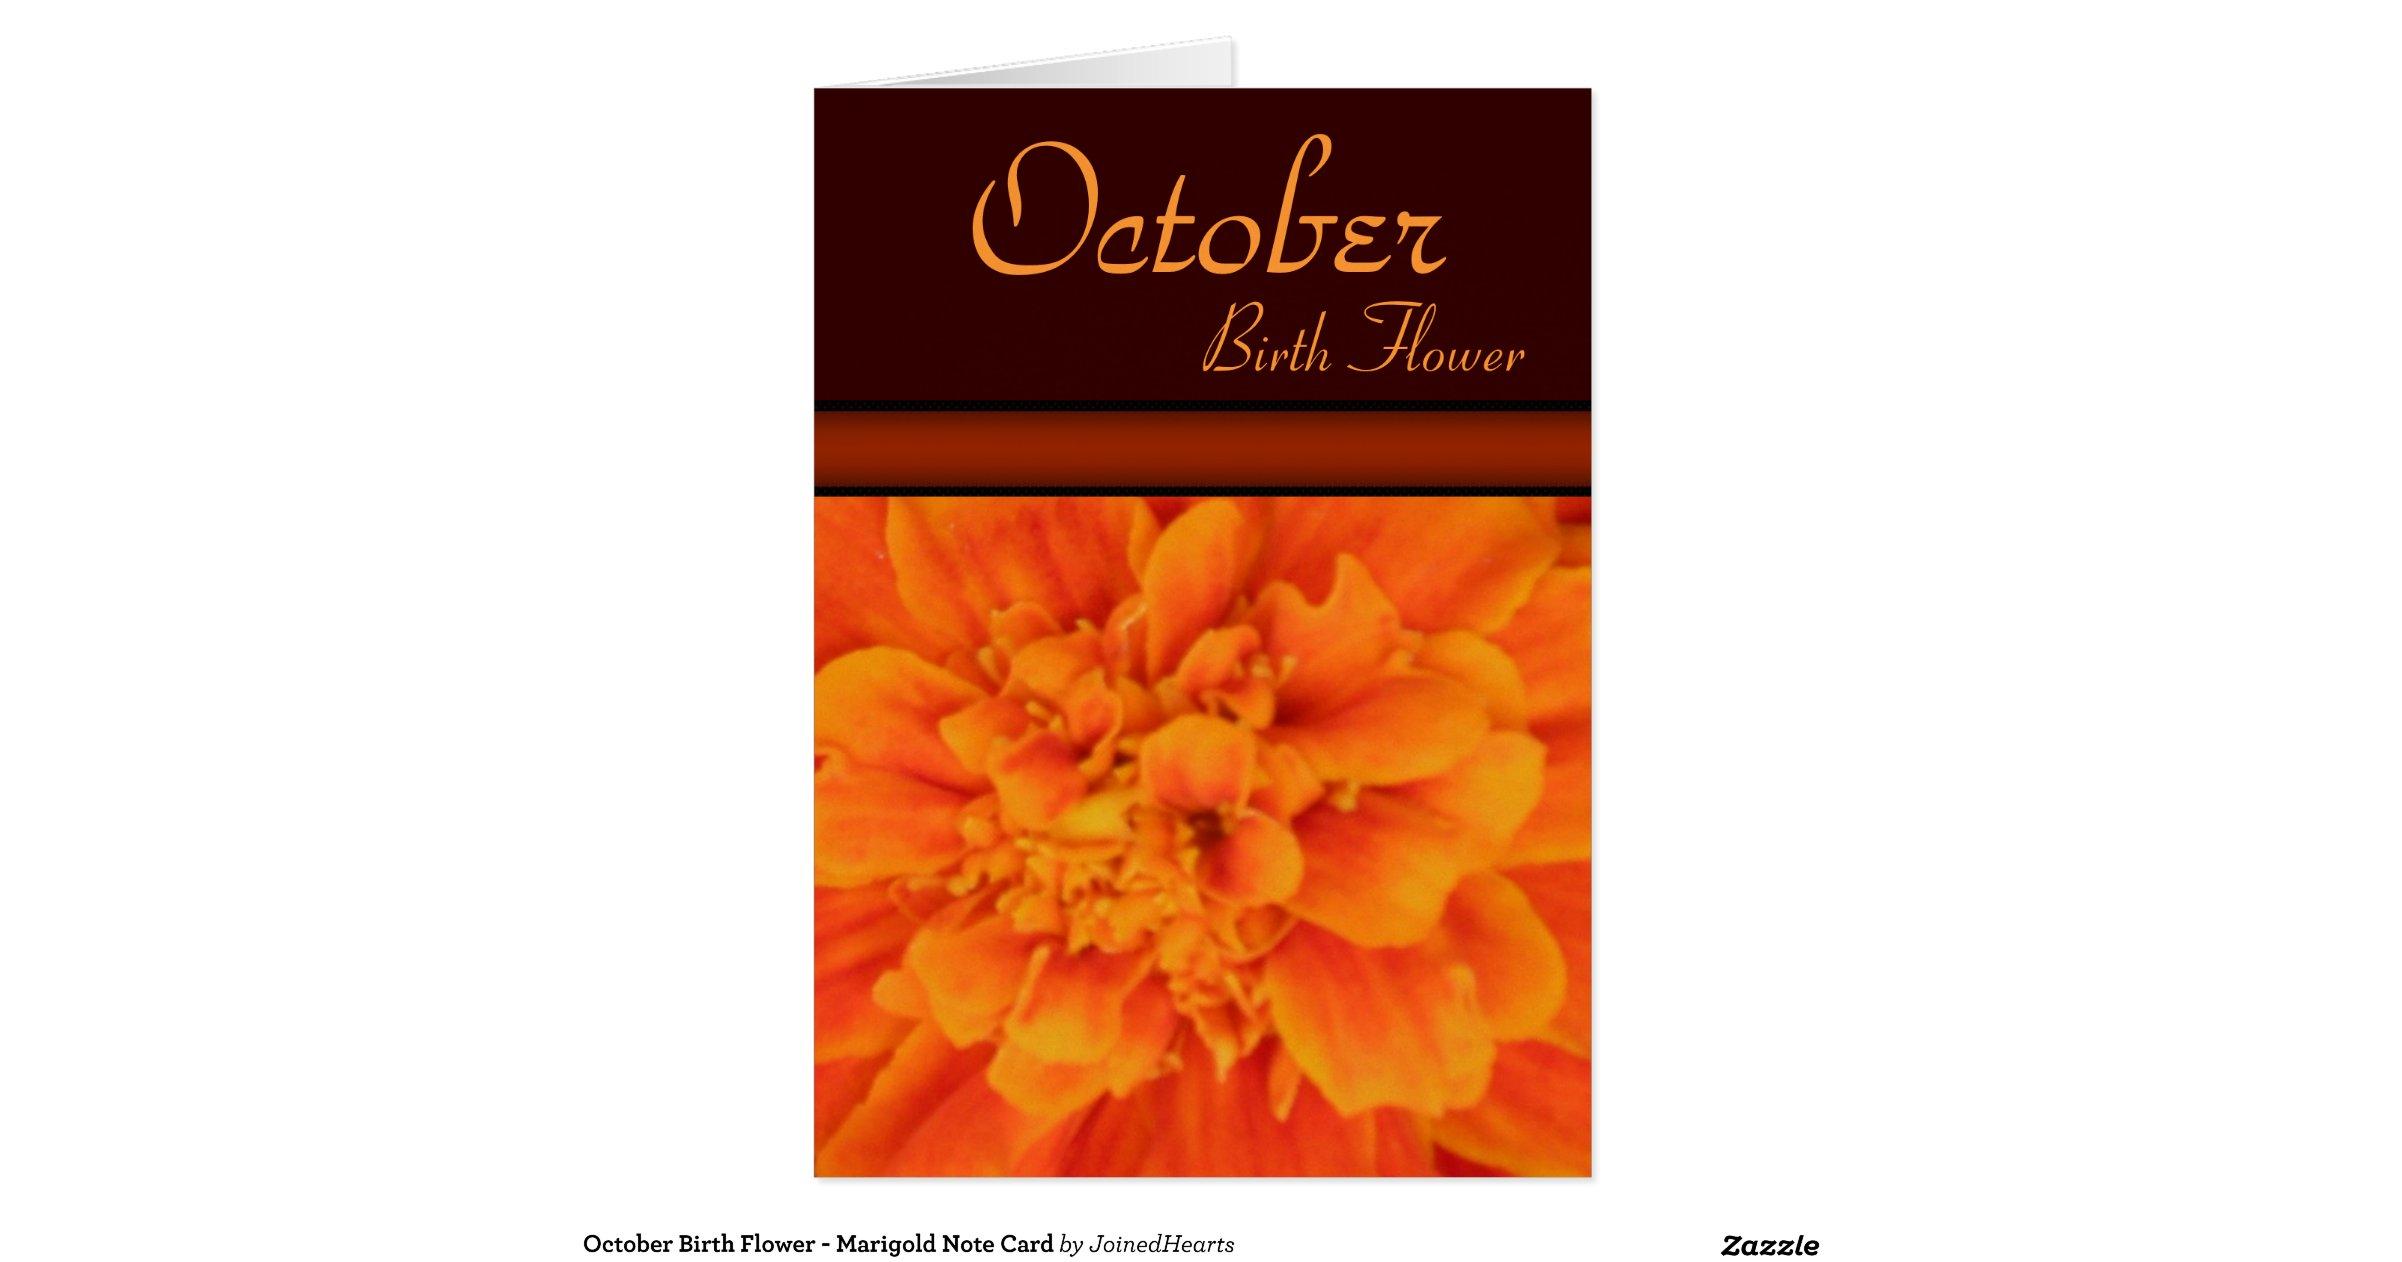 october birth flower marigold note card radb54d299b894a1197f6adedc4a3966e xvu